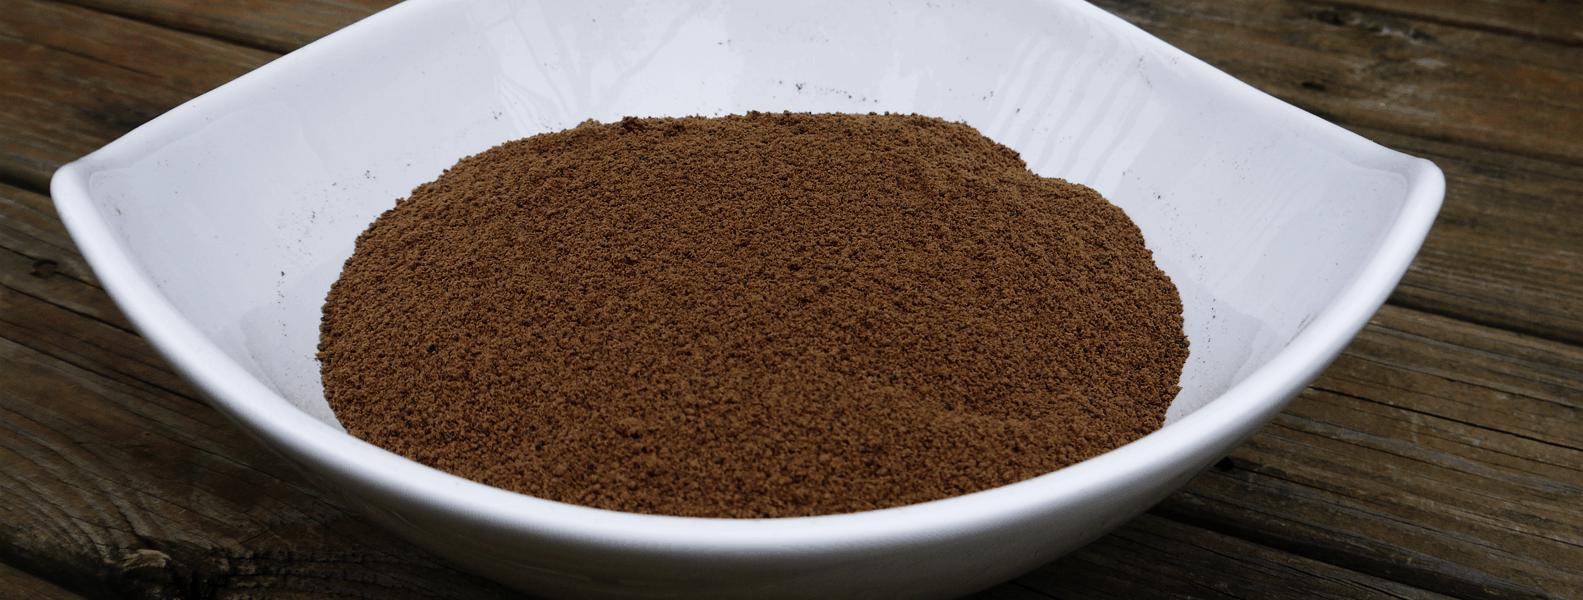 DIY: How to Make Acorn Flour at www.TyrantFarms.com